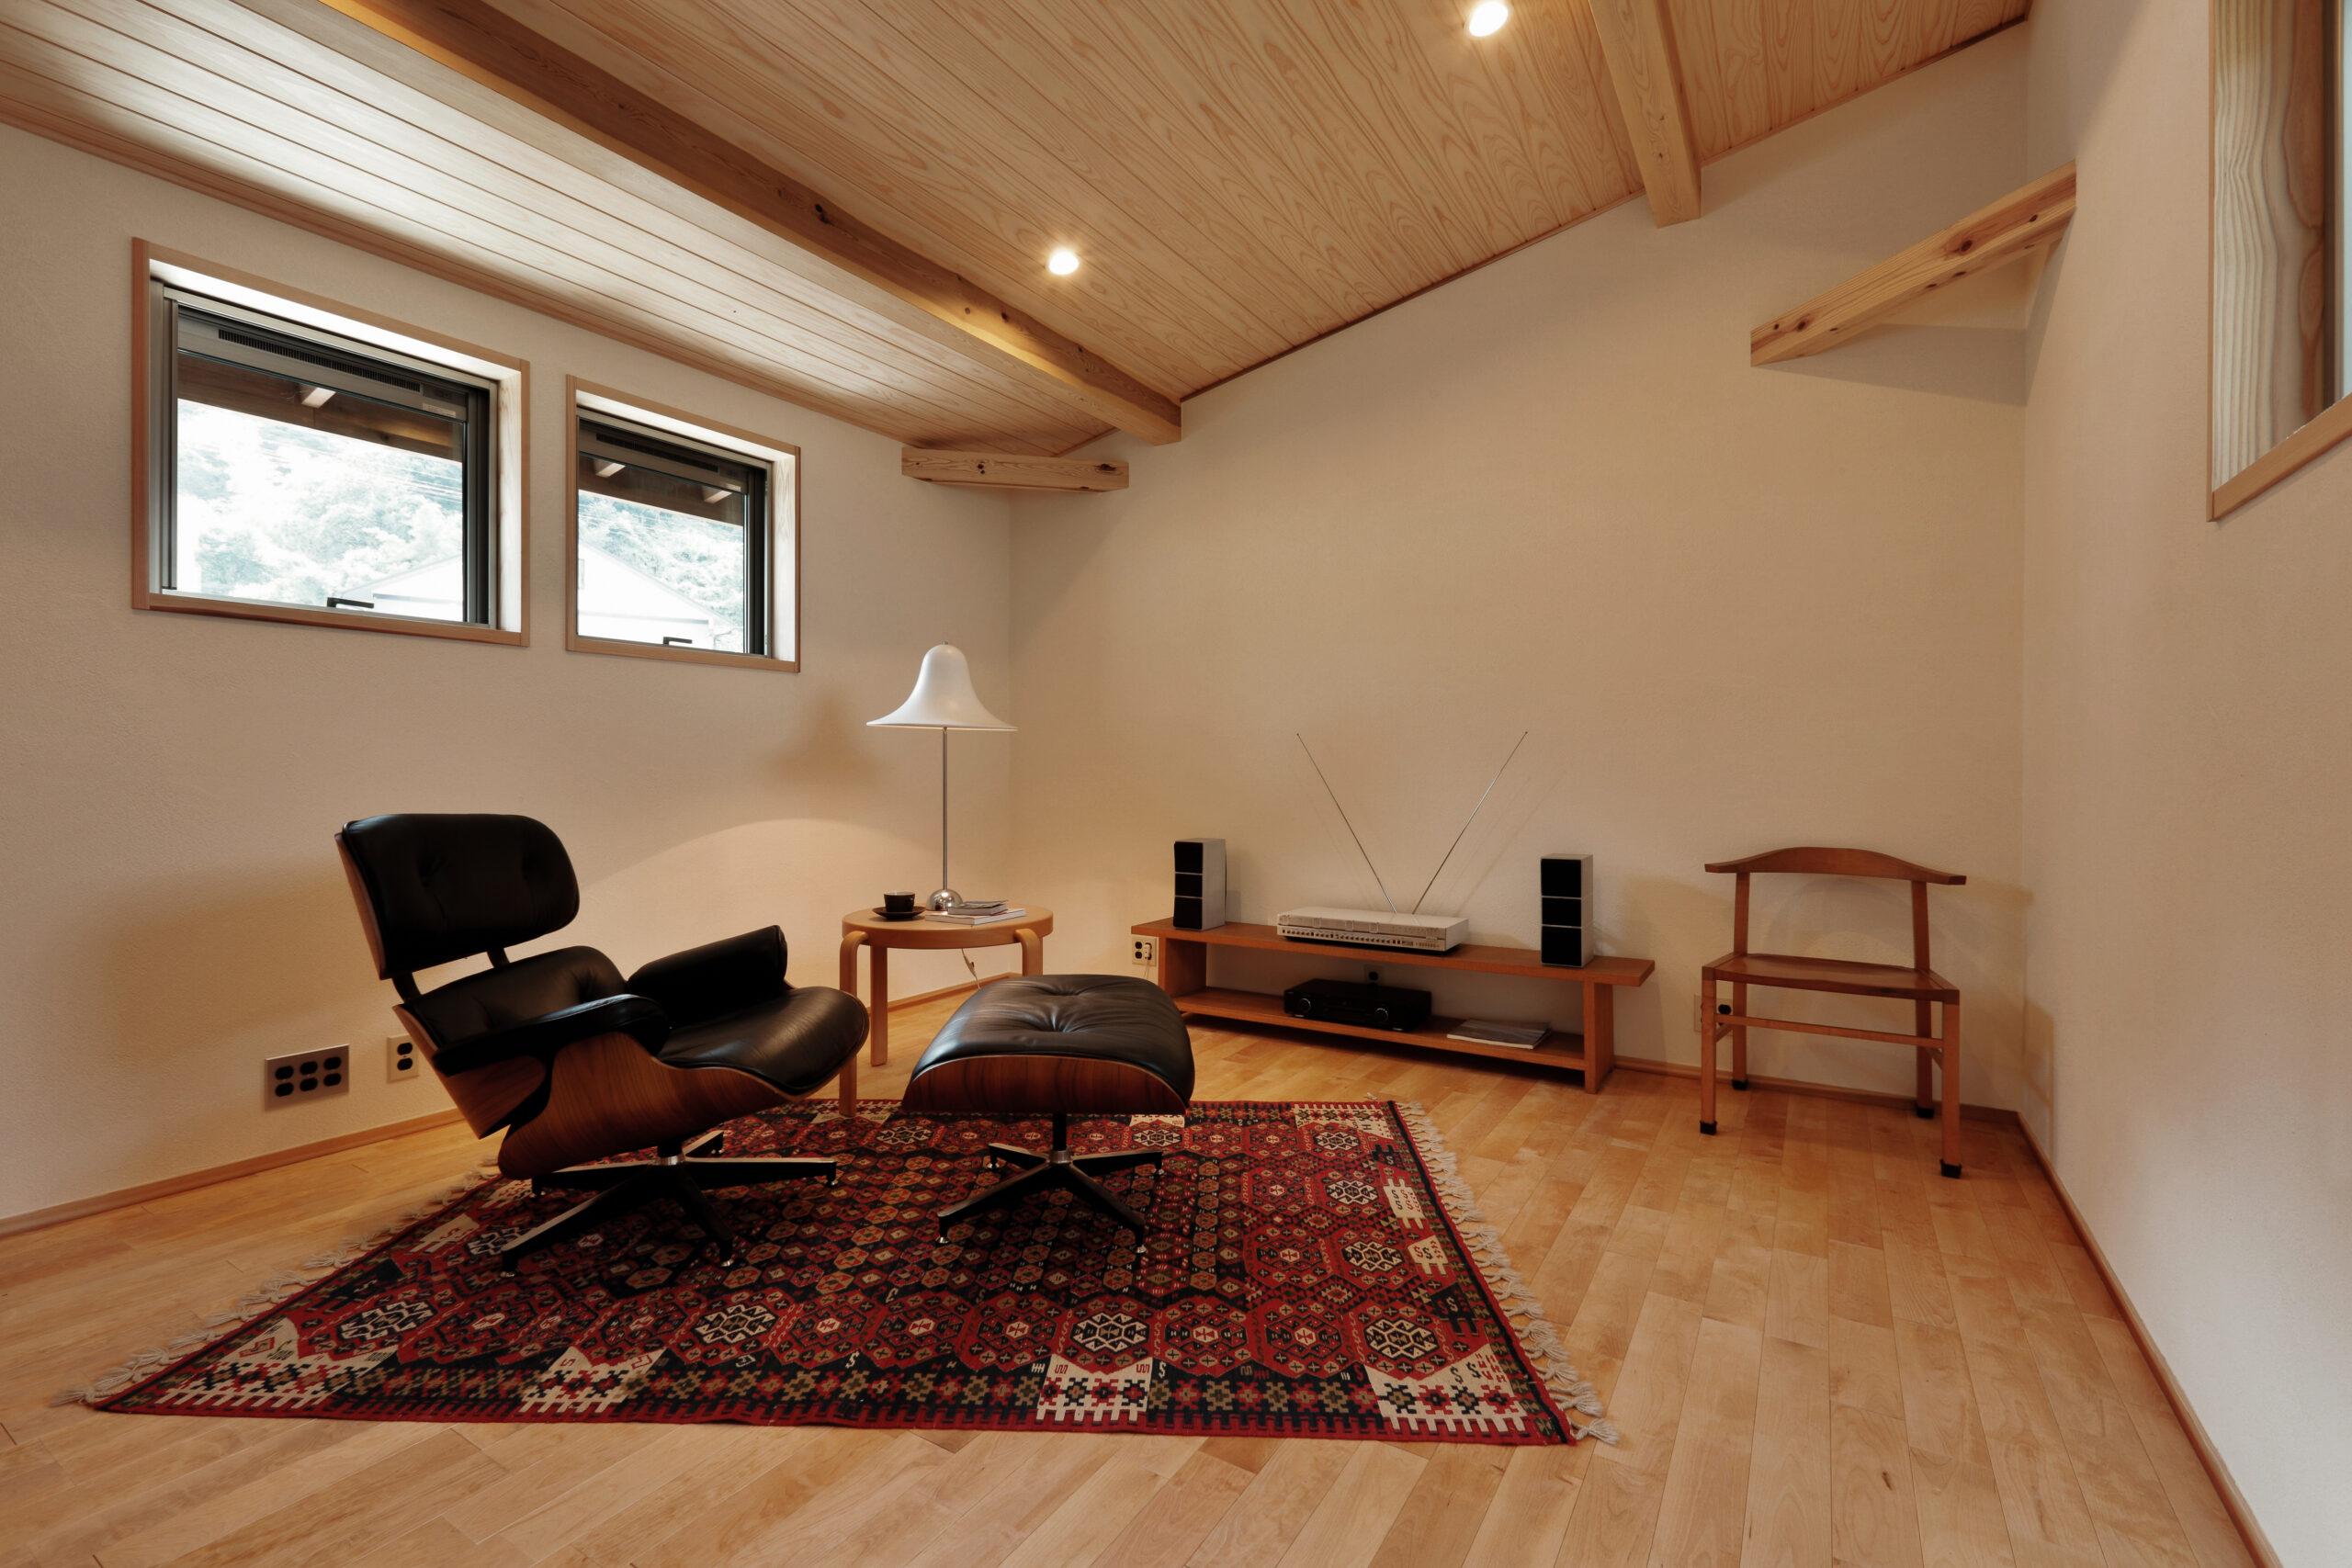 木の家 イームズ ラウンジチェア 趣味部屋 音楽